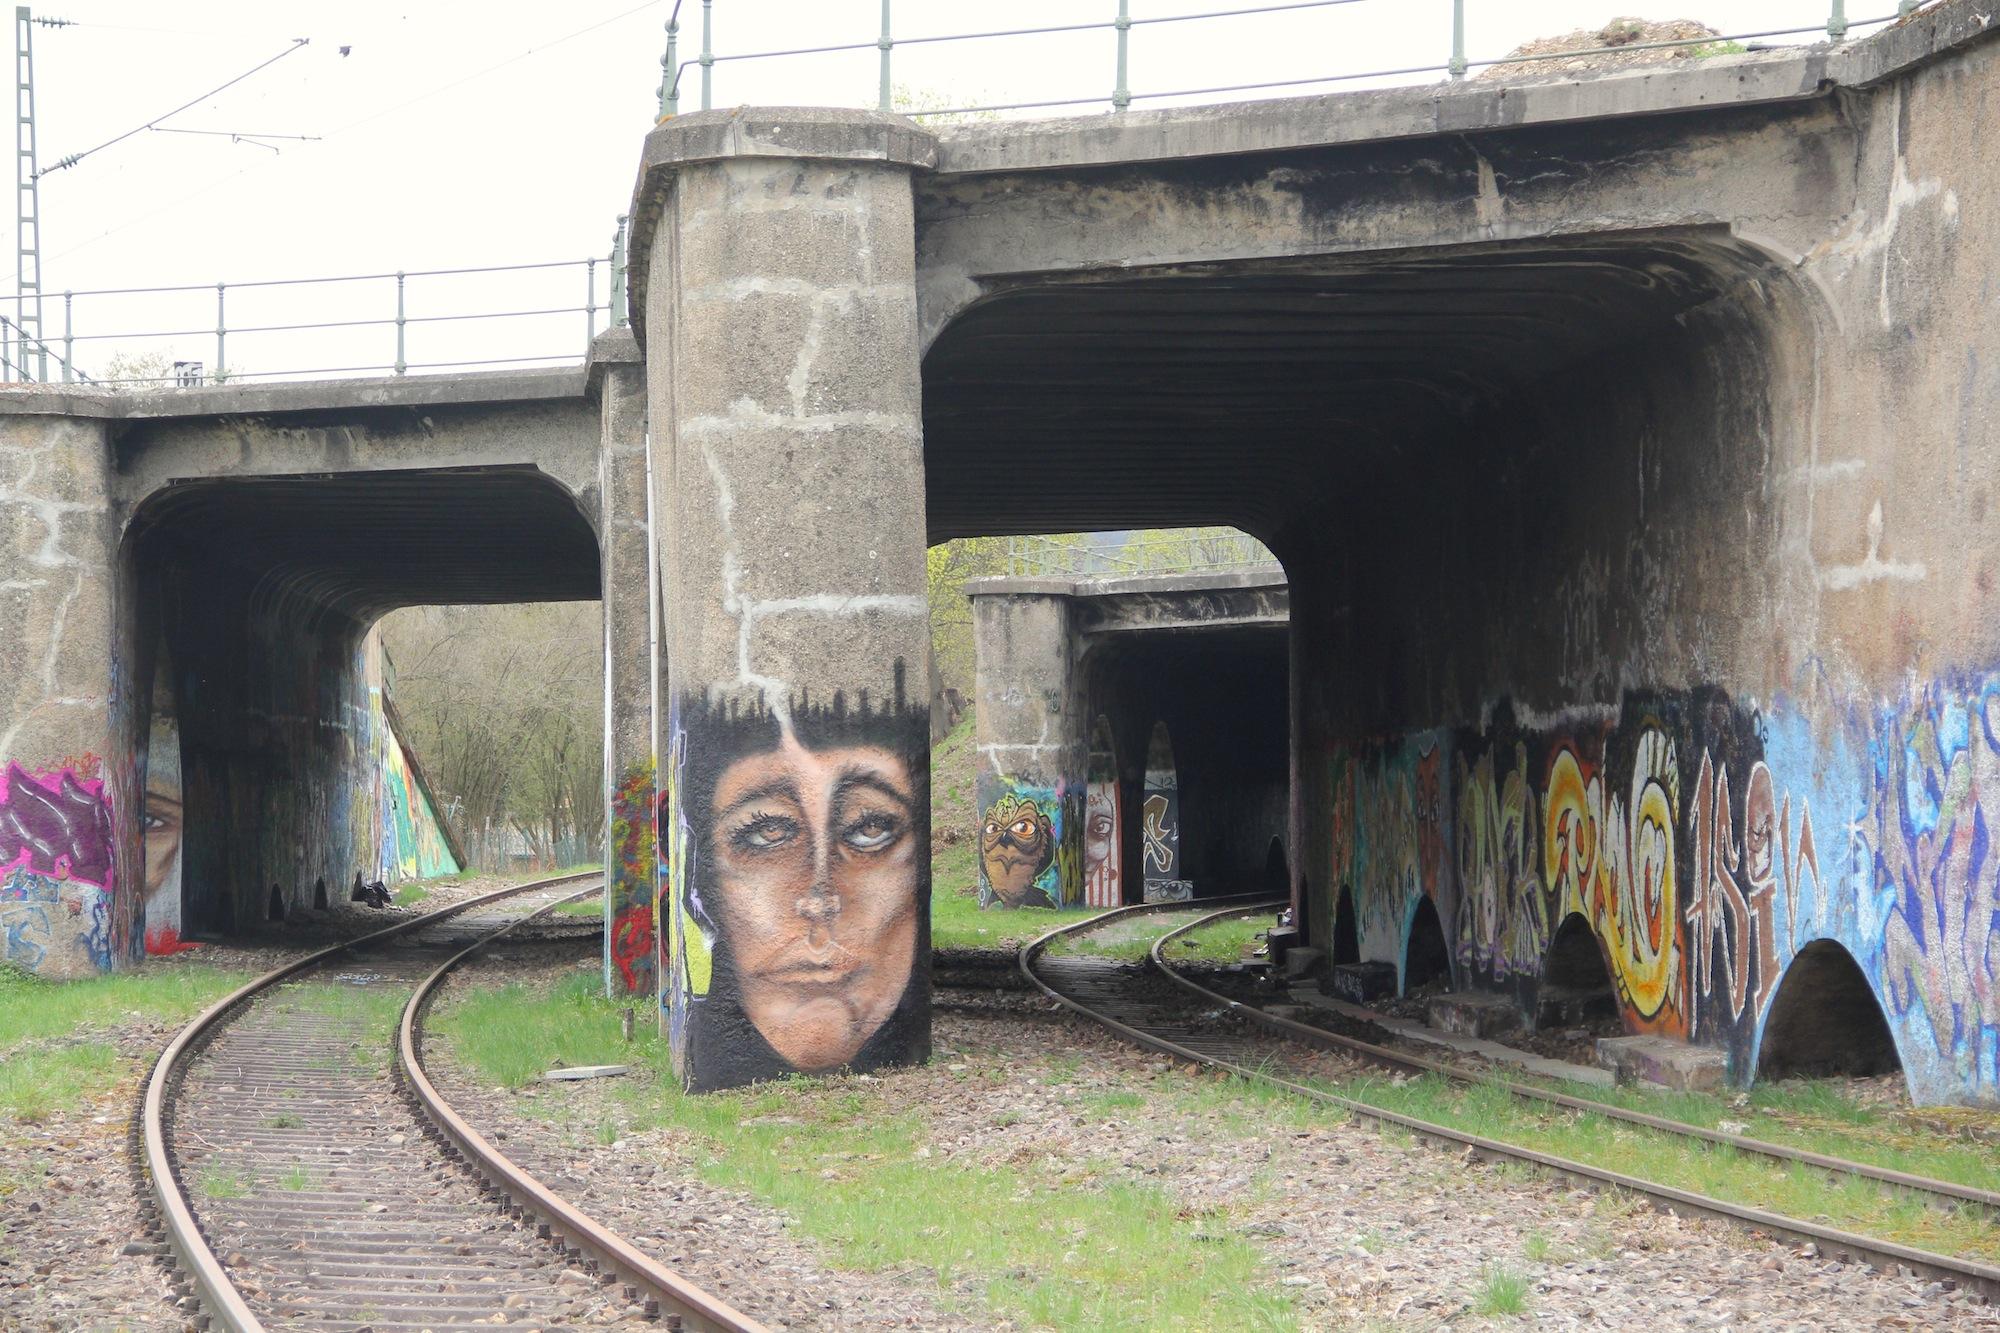 In Zukunft einmal wichtig für das S-Bahn-Herzstück? Die bei Graffitikünstlern beliebte alte Güterstrecke Grenzacherhorn könnte vielleicht als Reservegleis dienen.